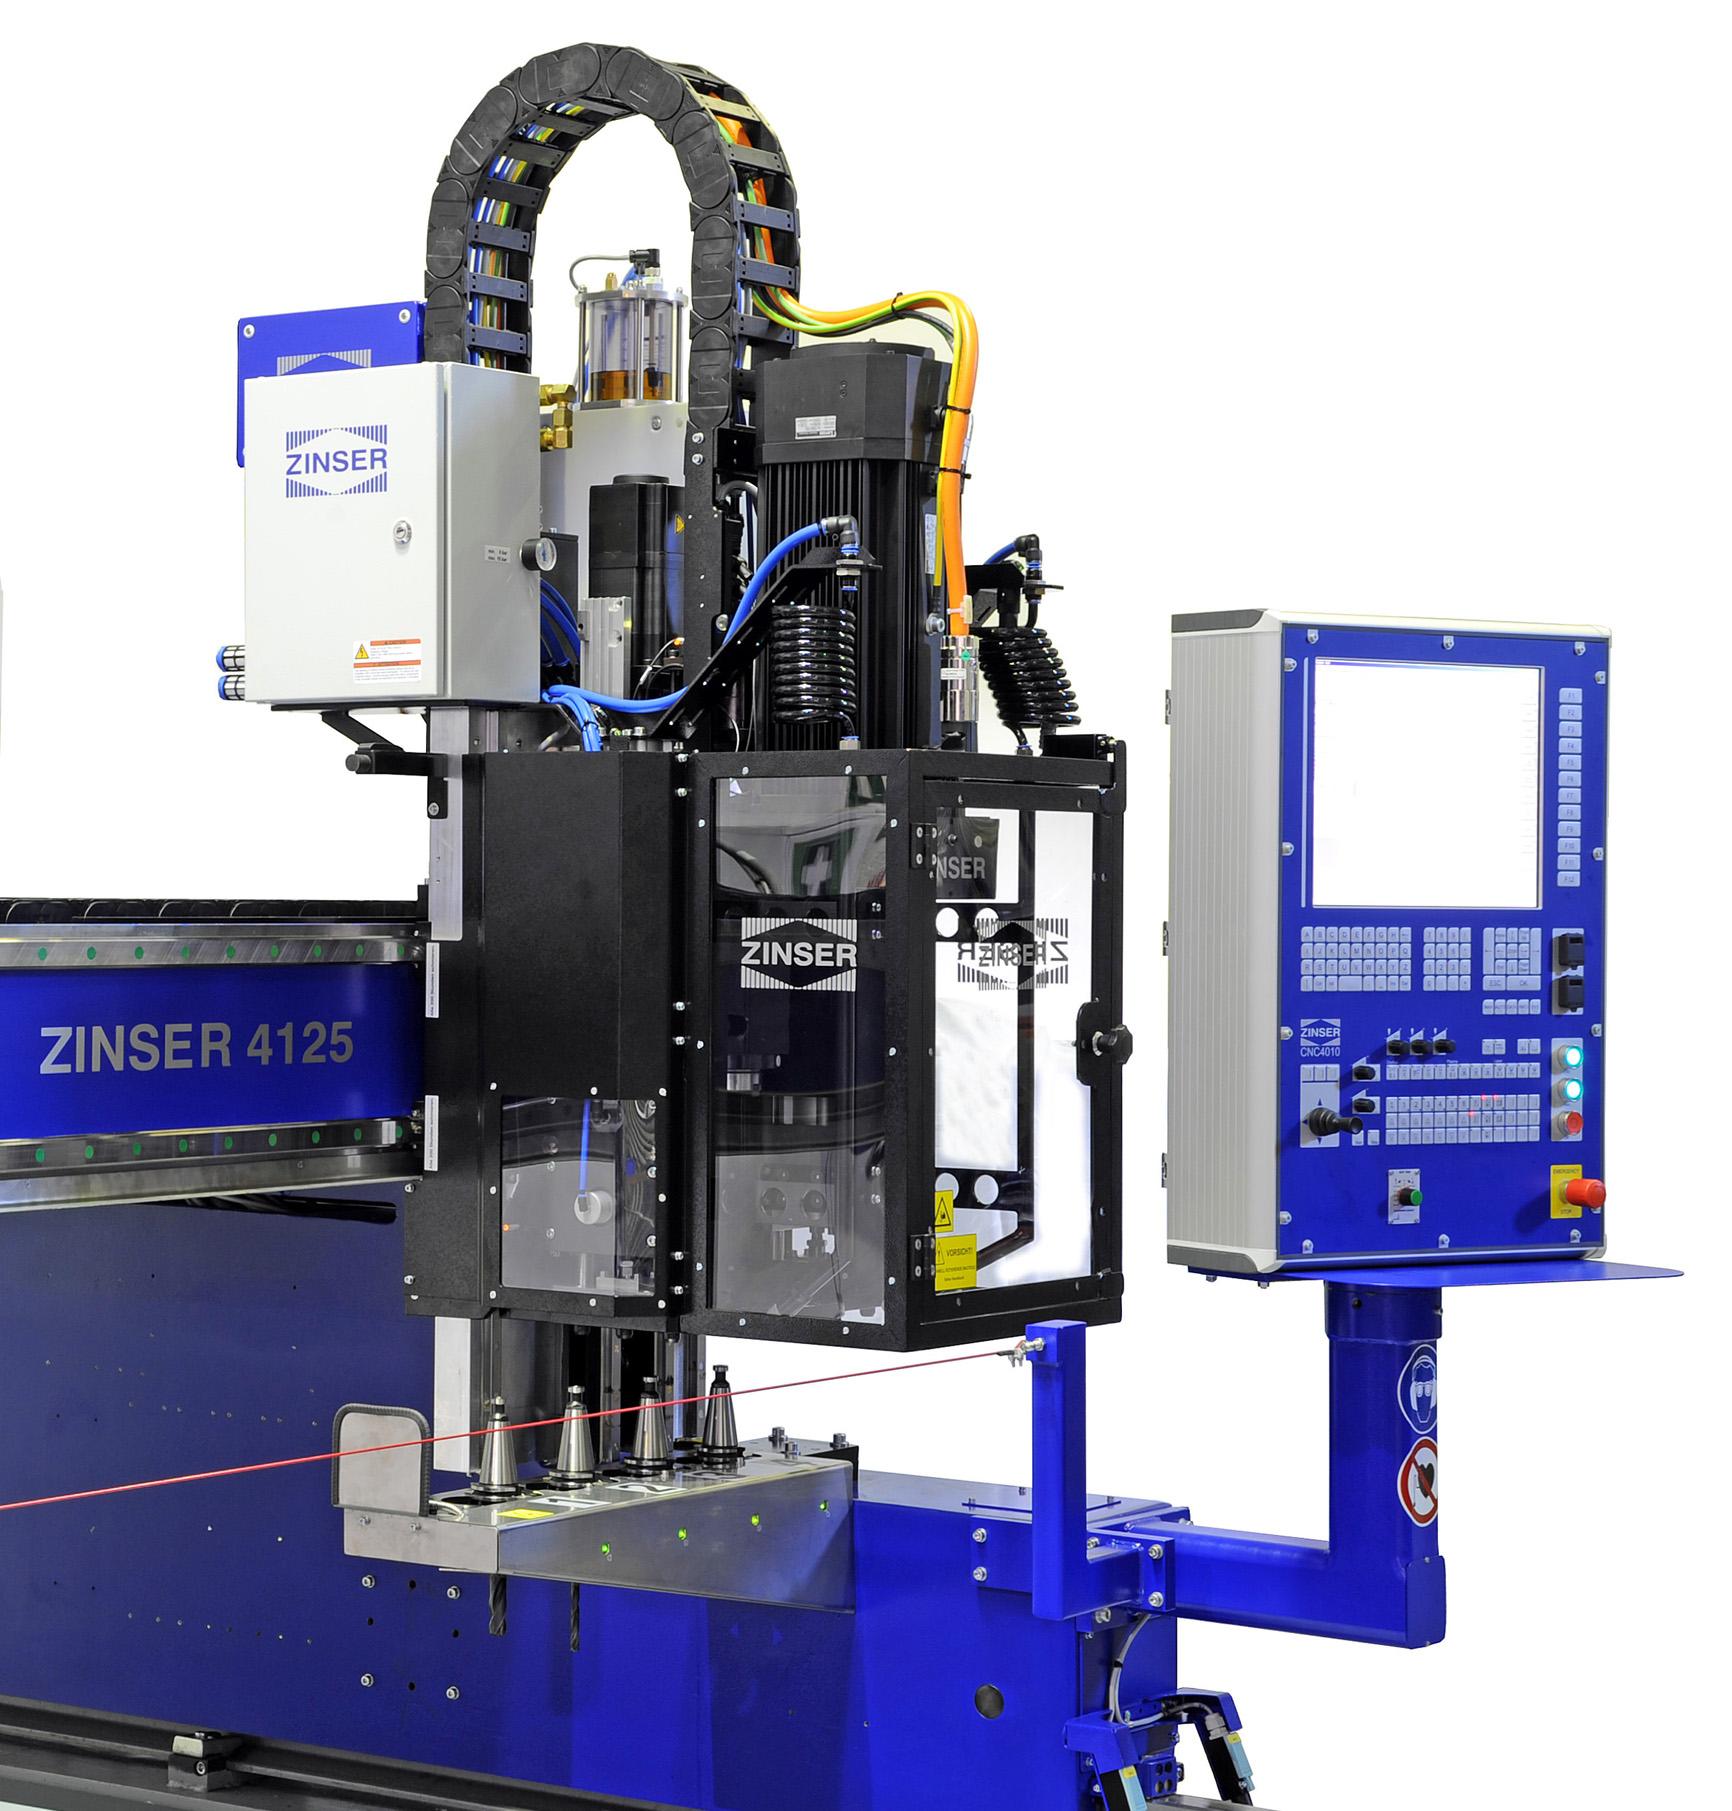 CNC Bohraggregat mit Werkzeugwechsler zum Bohren, Senken oder Gewindeschneiden auf einer ZINSER 4125 Brennschneidmaschine.